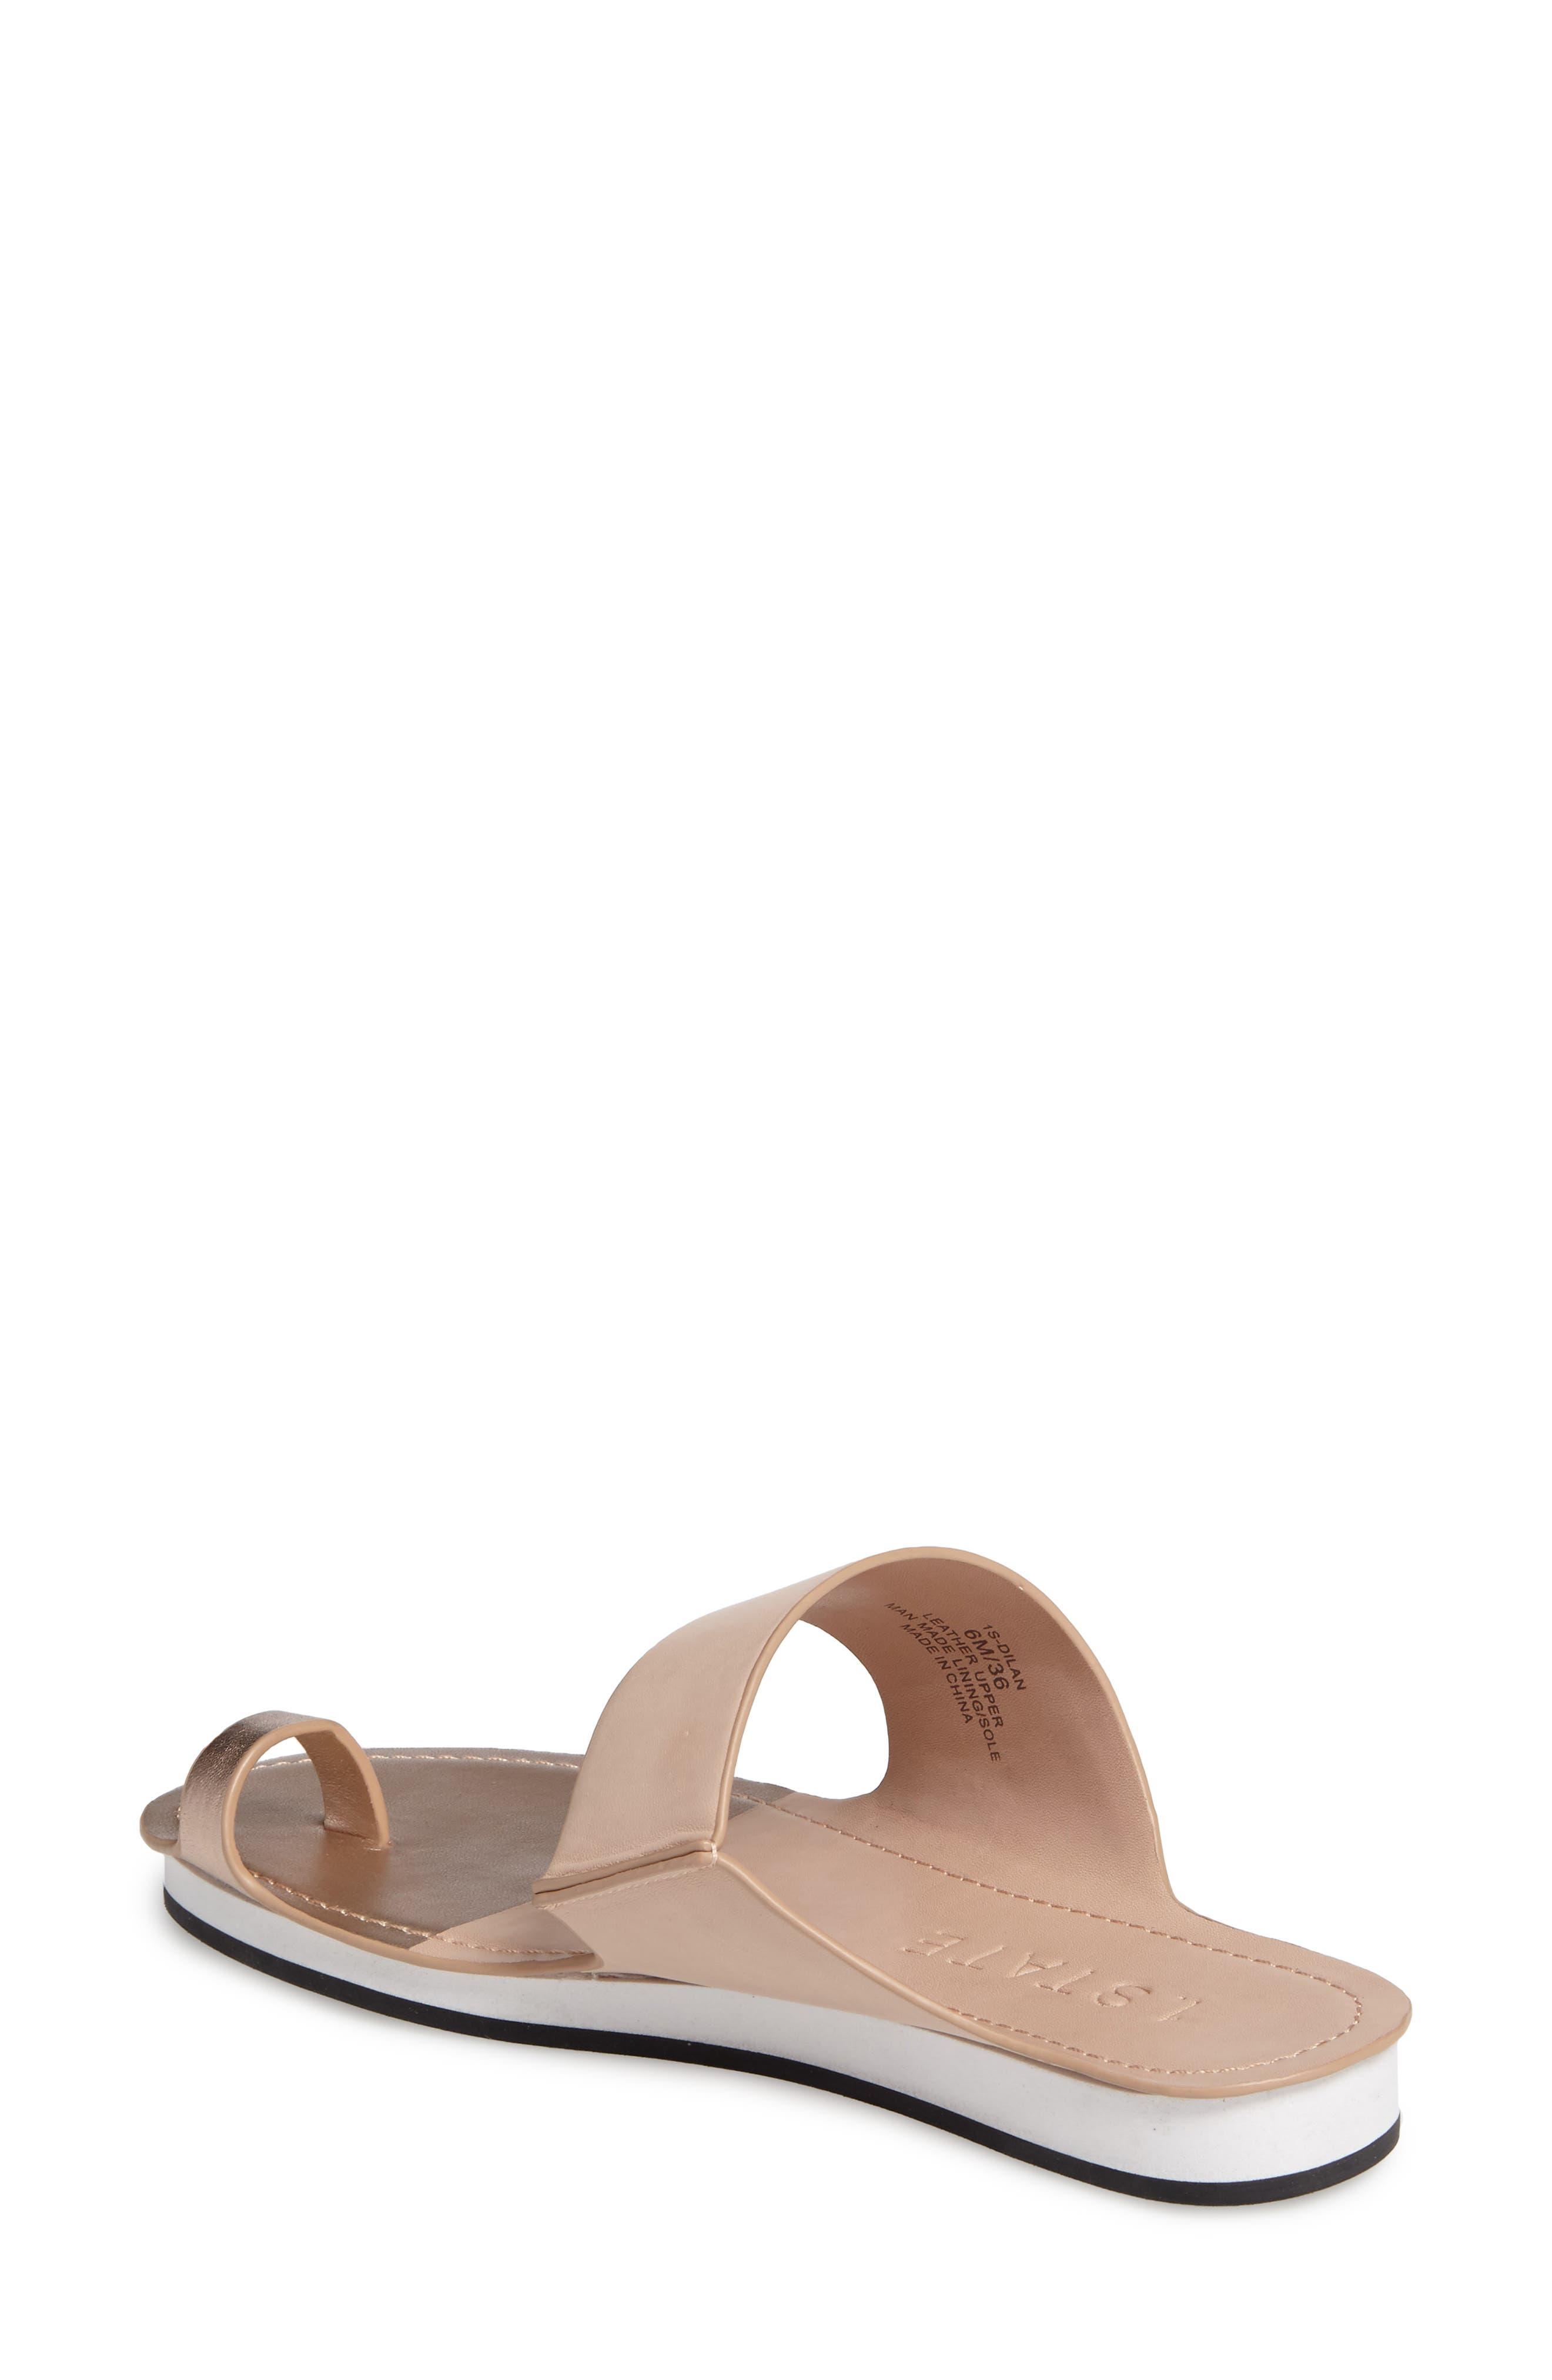 Dilan Toe Loop Sandal,                             Alternate thumbnail 6, color,